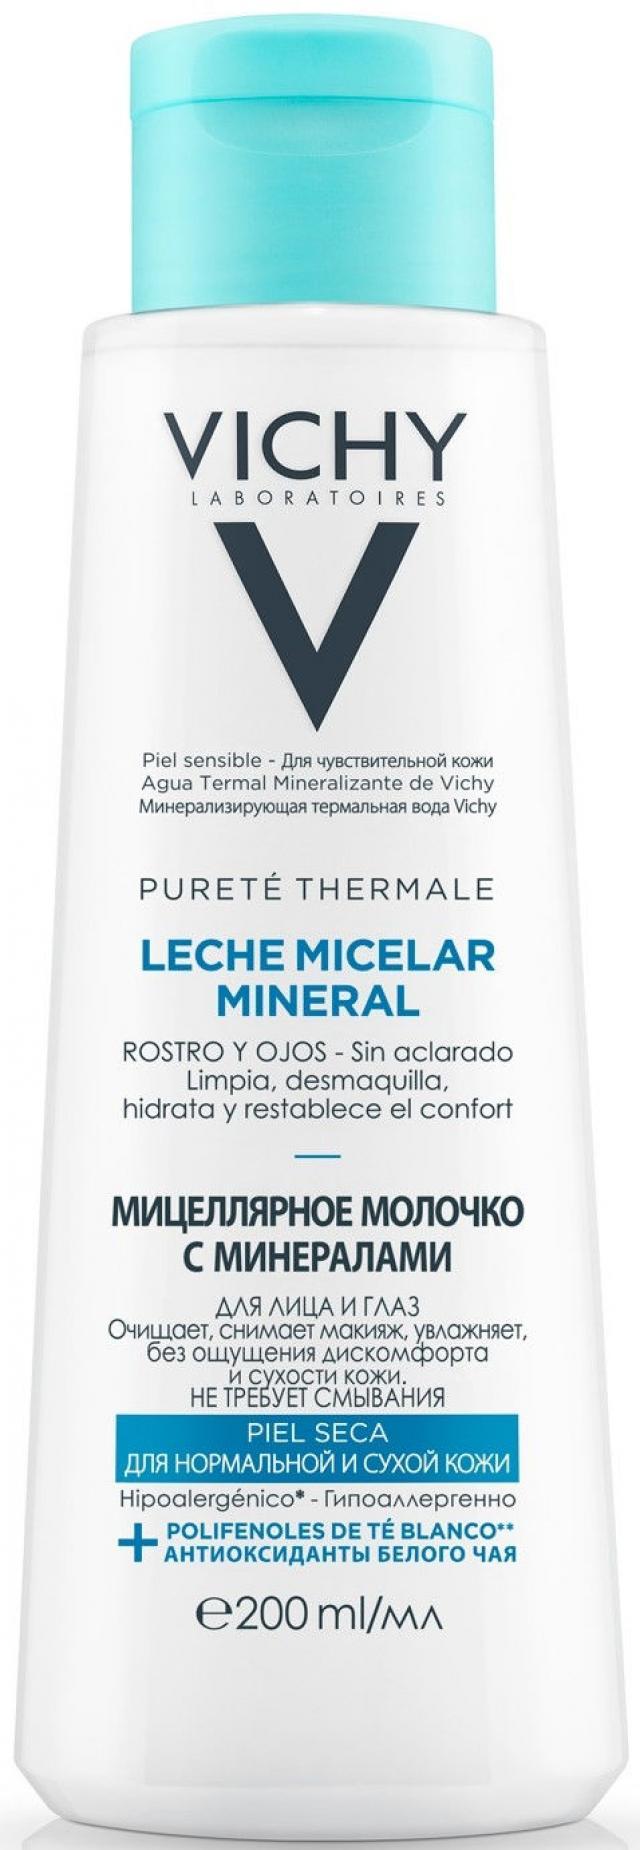 Виши Пюрте Термаль молочко мицеллярный для сухой и нормальной кожи 200мл купить в Москве по цене от 892 рублей